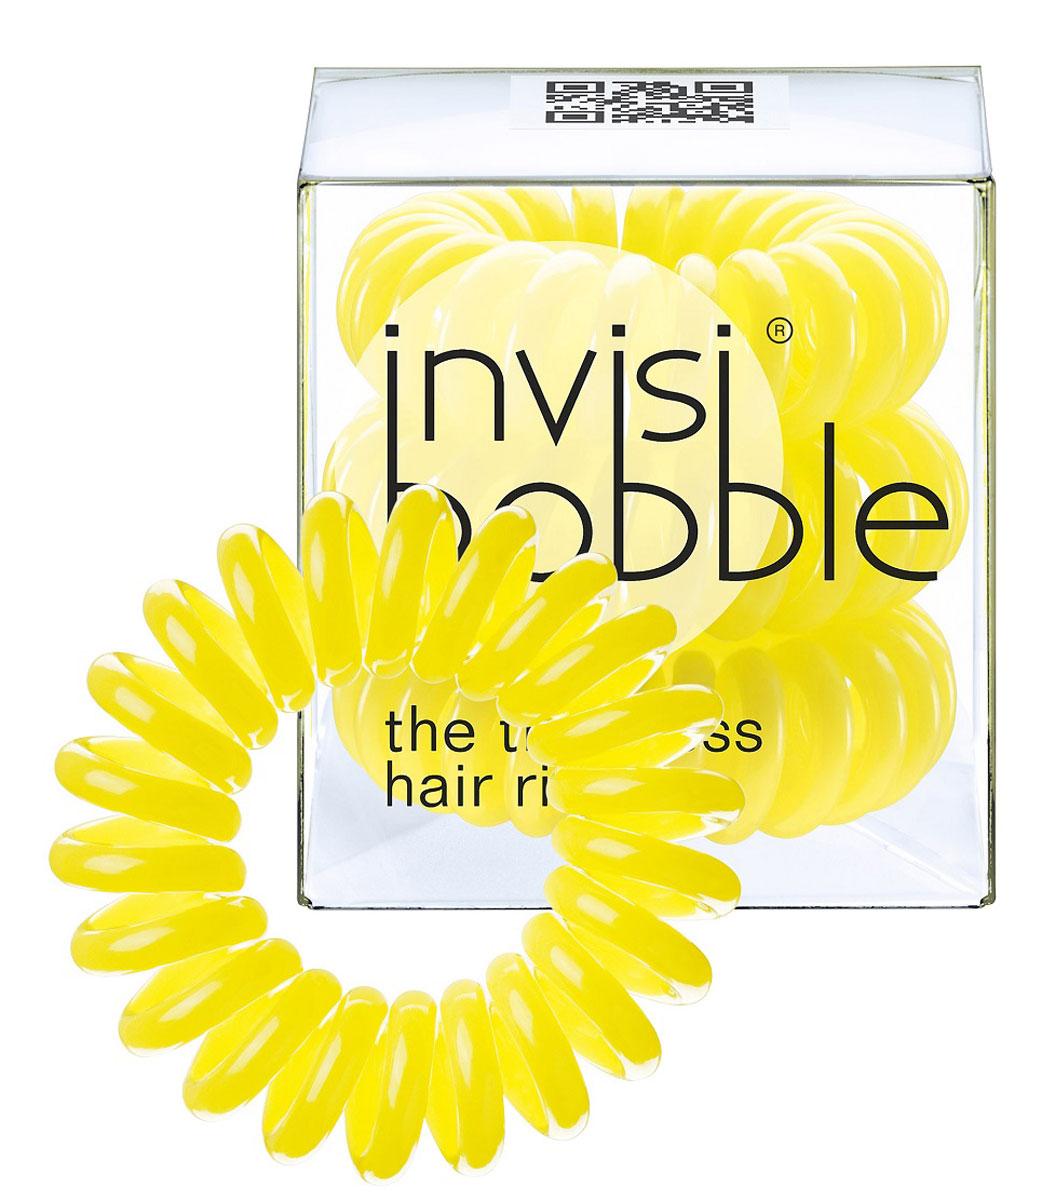 Invisibobble Резинка-браслет для волос Submarine Yellow, 3 штСерьги с подвескамиОригинальные резинки-браслеты Invisibobble в форме телефонного шнура, созданные в Германии.Резинки-браслеты Invisibobble подходят для всех типов волос, надежно фиксируют прическу, не оставляют заломов и не вызывают головную боль благодаря неравномерному распределению давления на волосы. Кроме того, они не намокают и не вызывают аллергию при контакте с кожей, поскольку изготовлены из искусственной смолы. Резинка-браслет Invisibobble черного цвета.C резинками Invisibobble можно легко создавать разнообразные прически. Резинки прочно держат волосы любой длины, при этом, не стягивая их слишком туго. Телефонный провод позволяет с легкостью и без вреда для волос протягивать пряди под спираль и ослаблять уже закрепленные для придания объема прическе. Invisibobble Original идеально подходят для ежедневного применения.Не комедогенна.